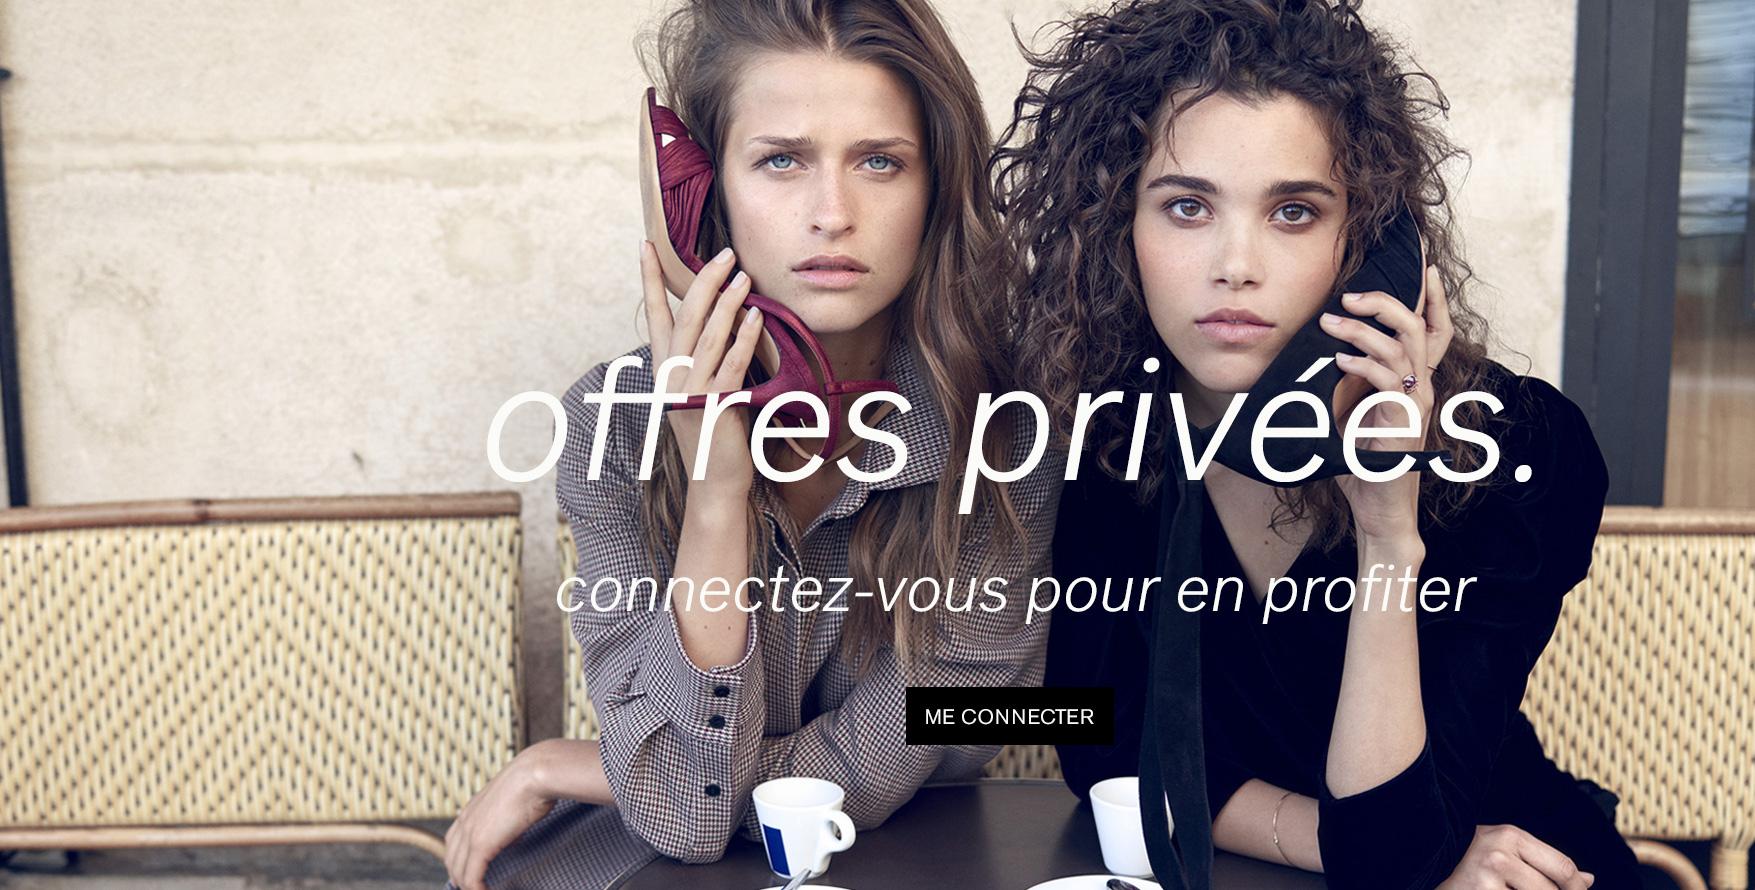 Connectez - vous pour profiter des offres privées